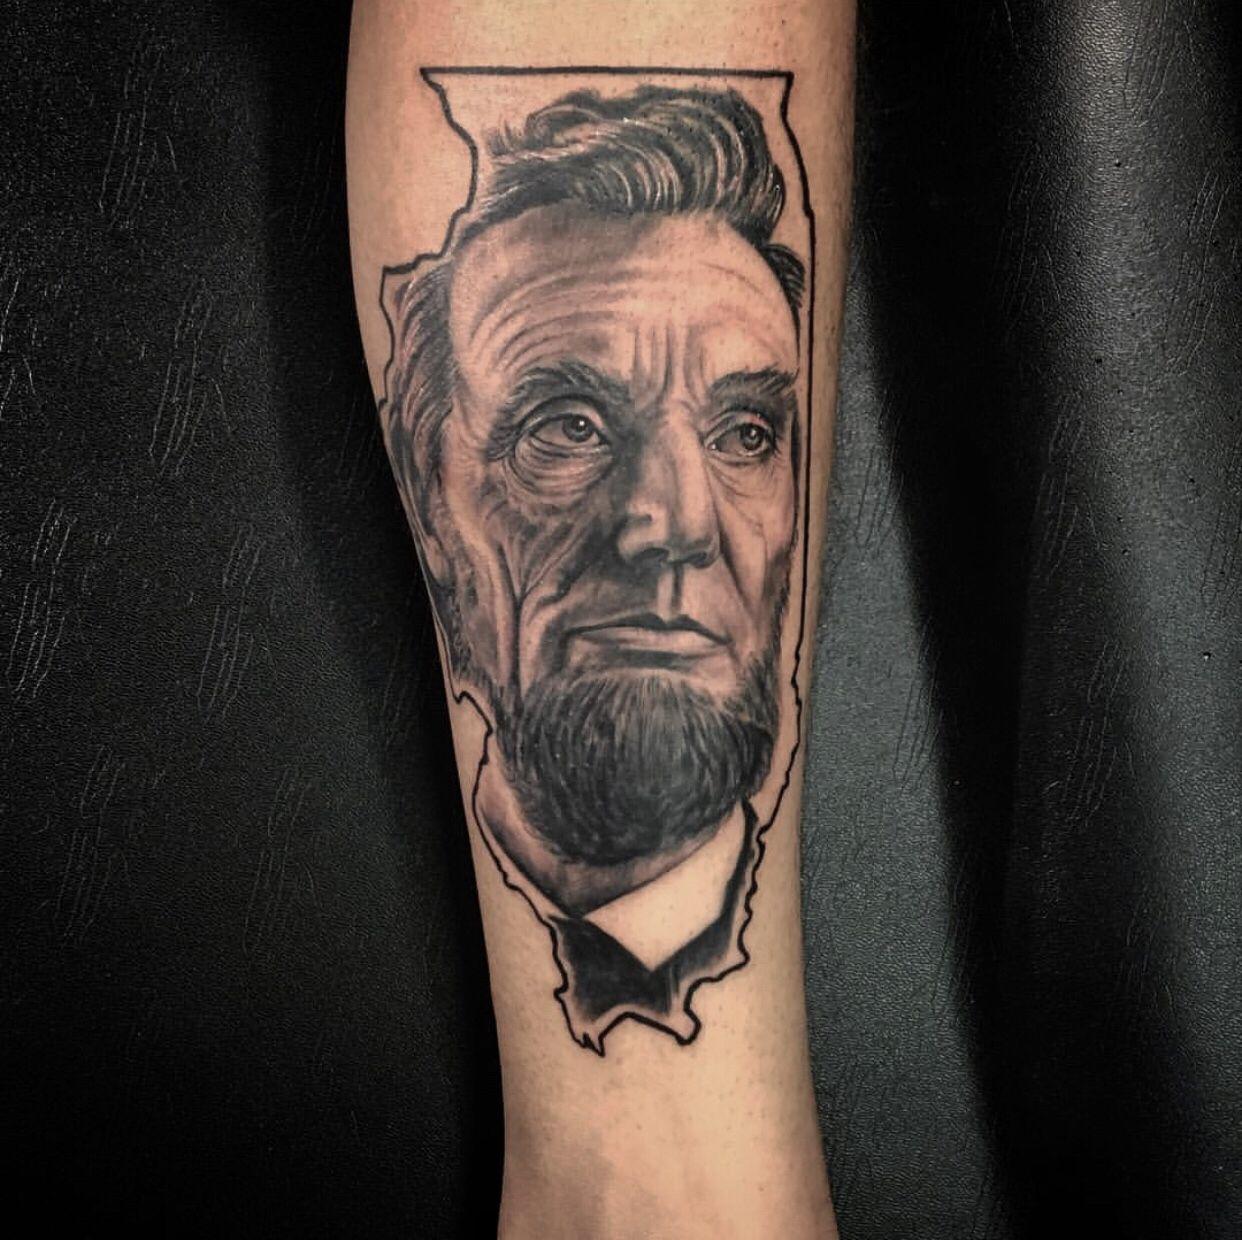 Abraham lincoln tattoo tattoos tattoo artists portrait